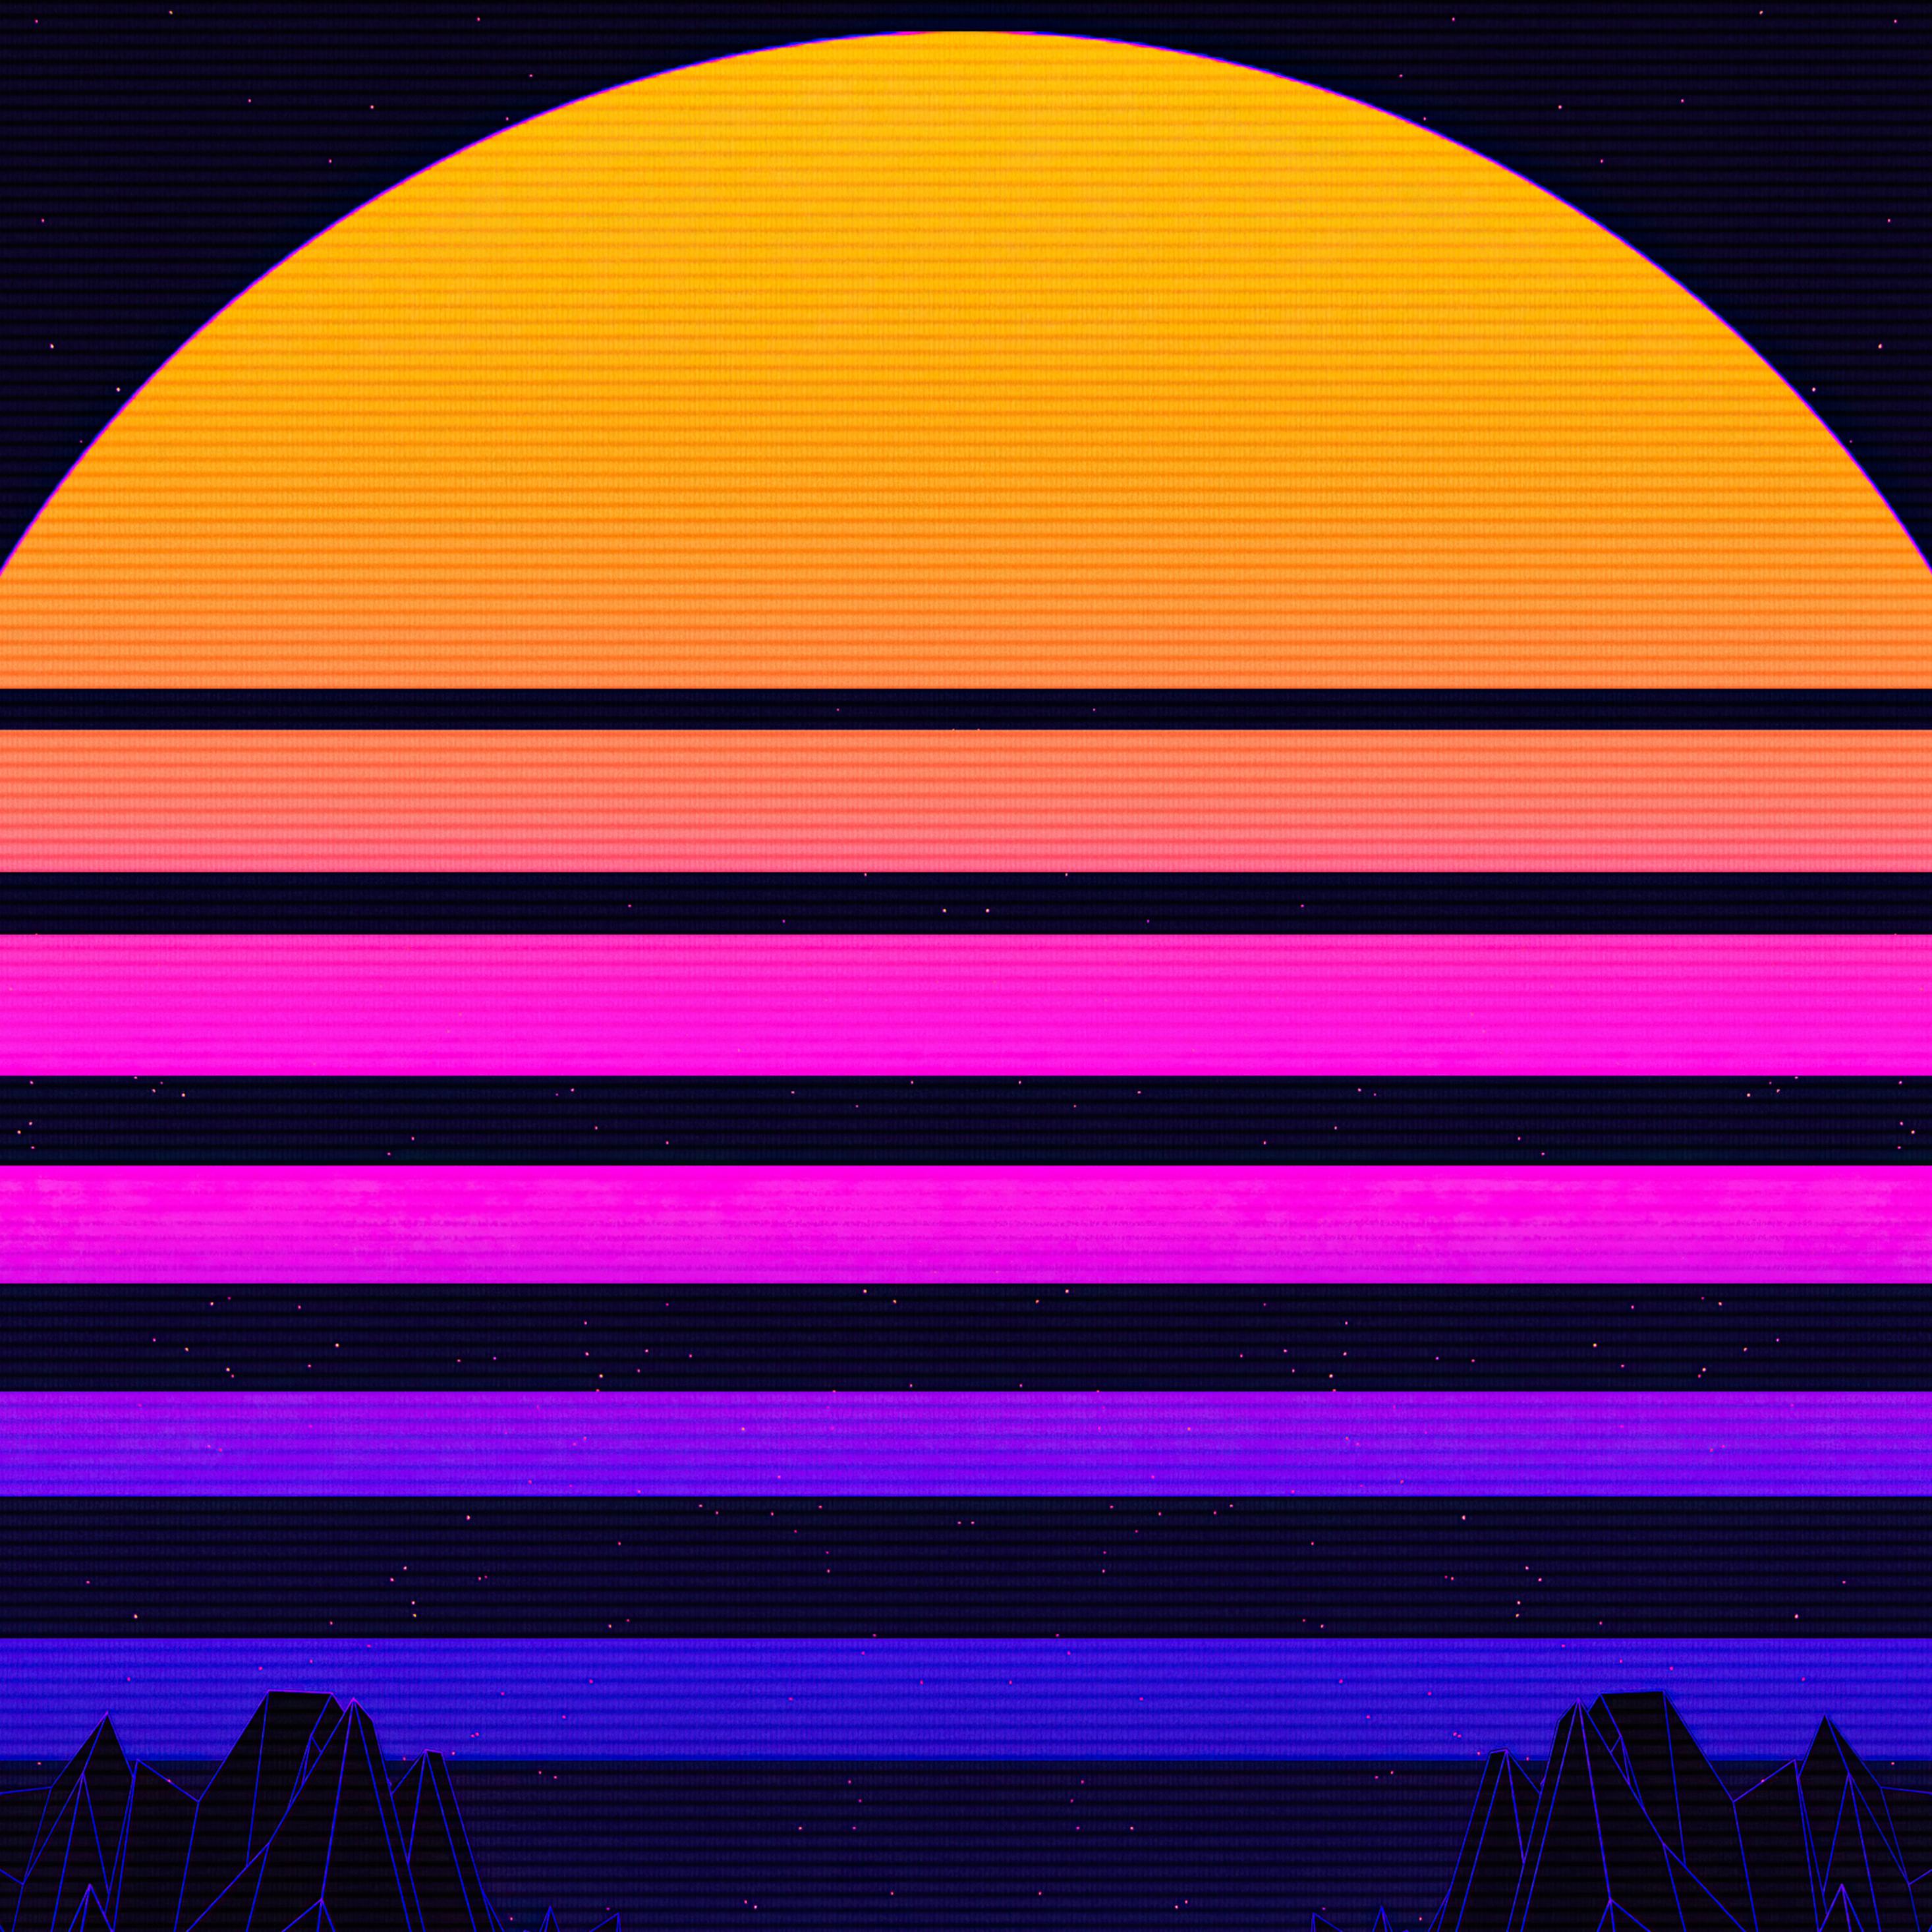 retrowave-sun-4k-2t.jpg